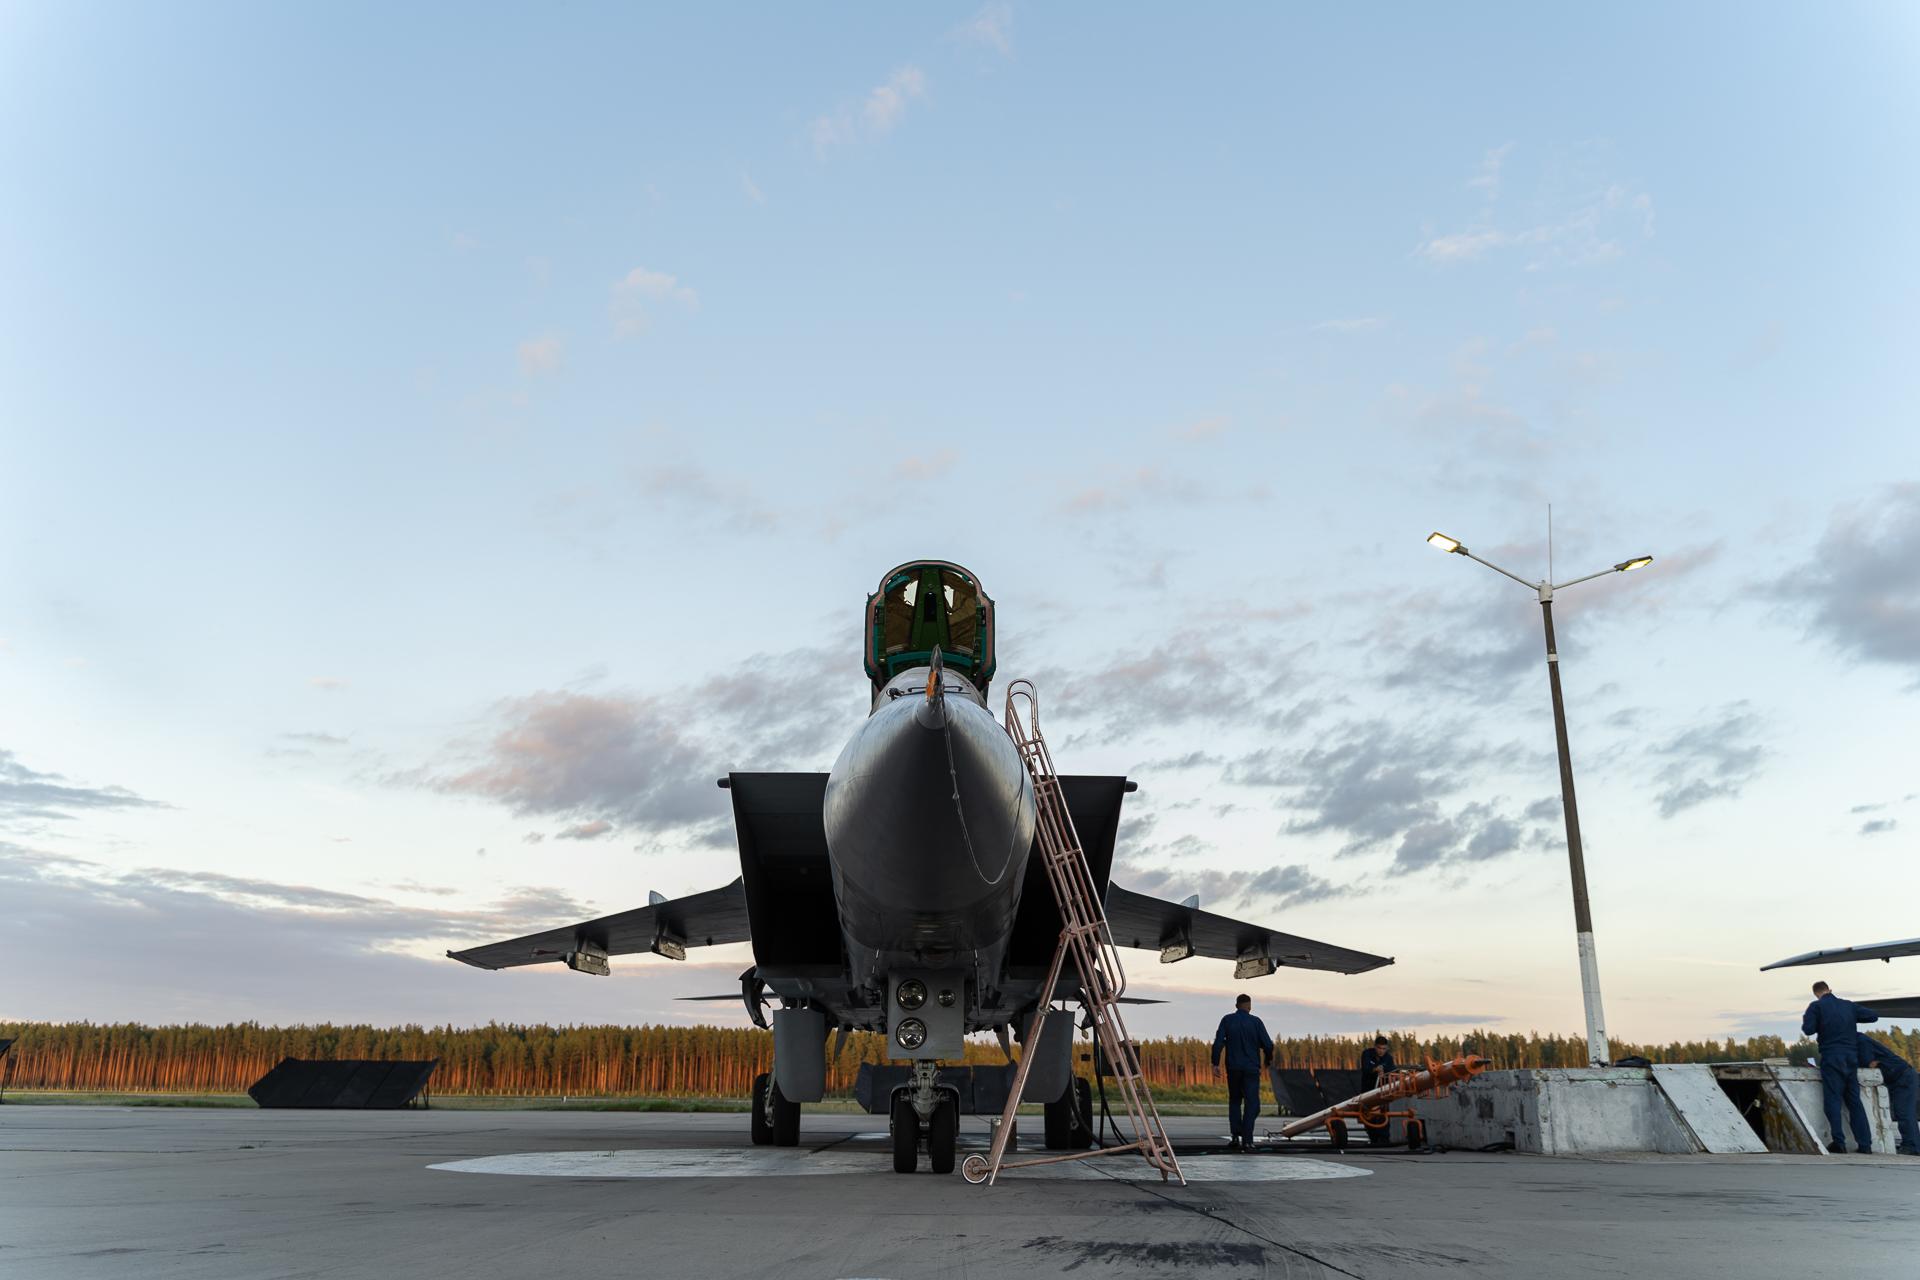 Любите, девушки, отважных летчиков: сотрудники тверского медиахолдинга посетили авиационный учебный центр